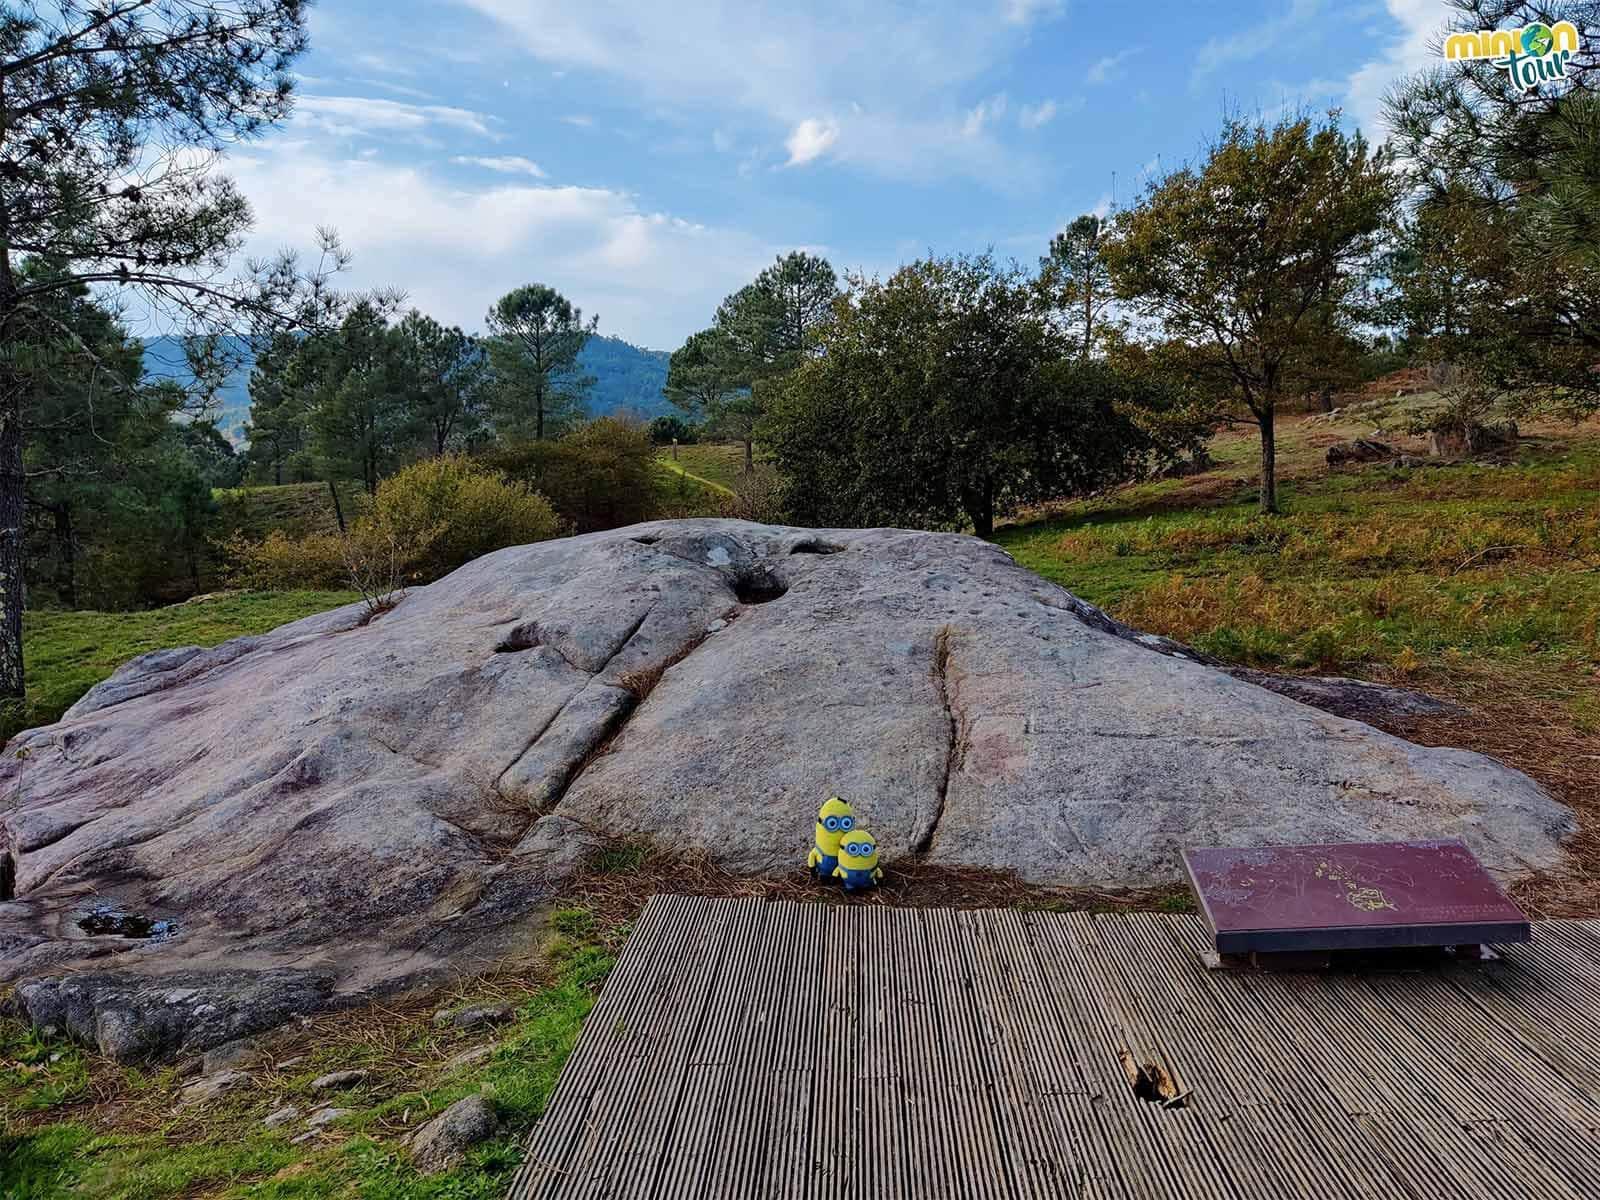 Nuestro primer petroglifo es el de Laxe da Forneiriña